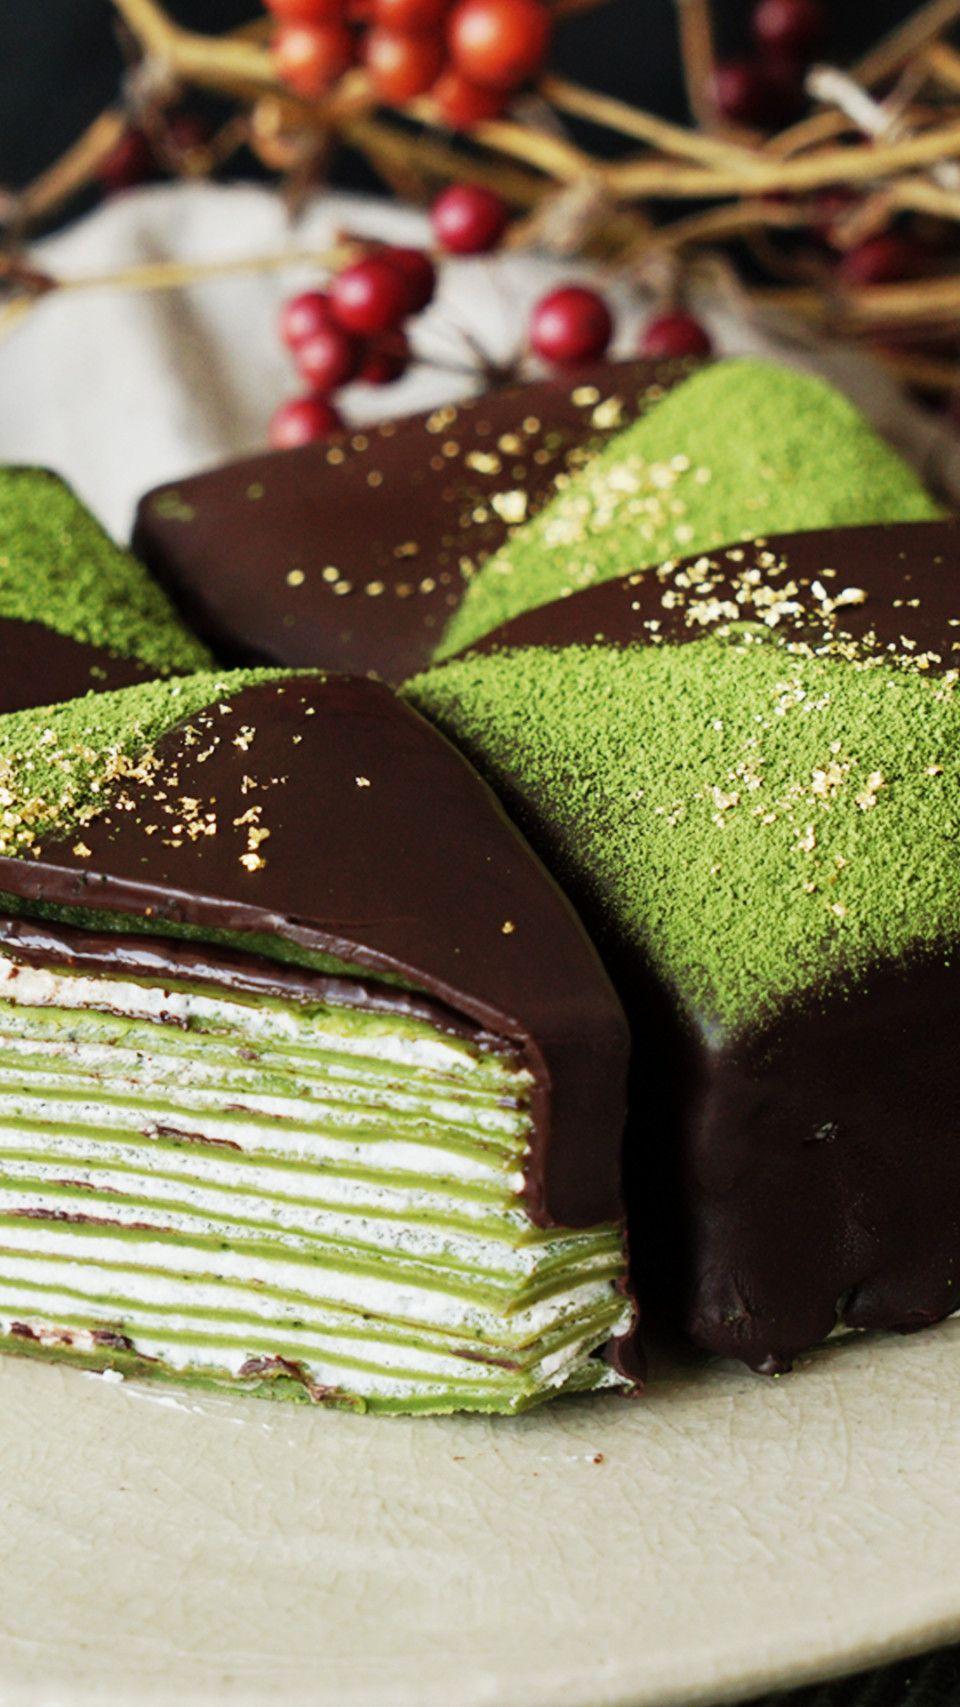 Pandekageer i lag med flødeskum eller creme imellem. Overhældt med chokolade. Mums!